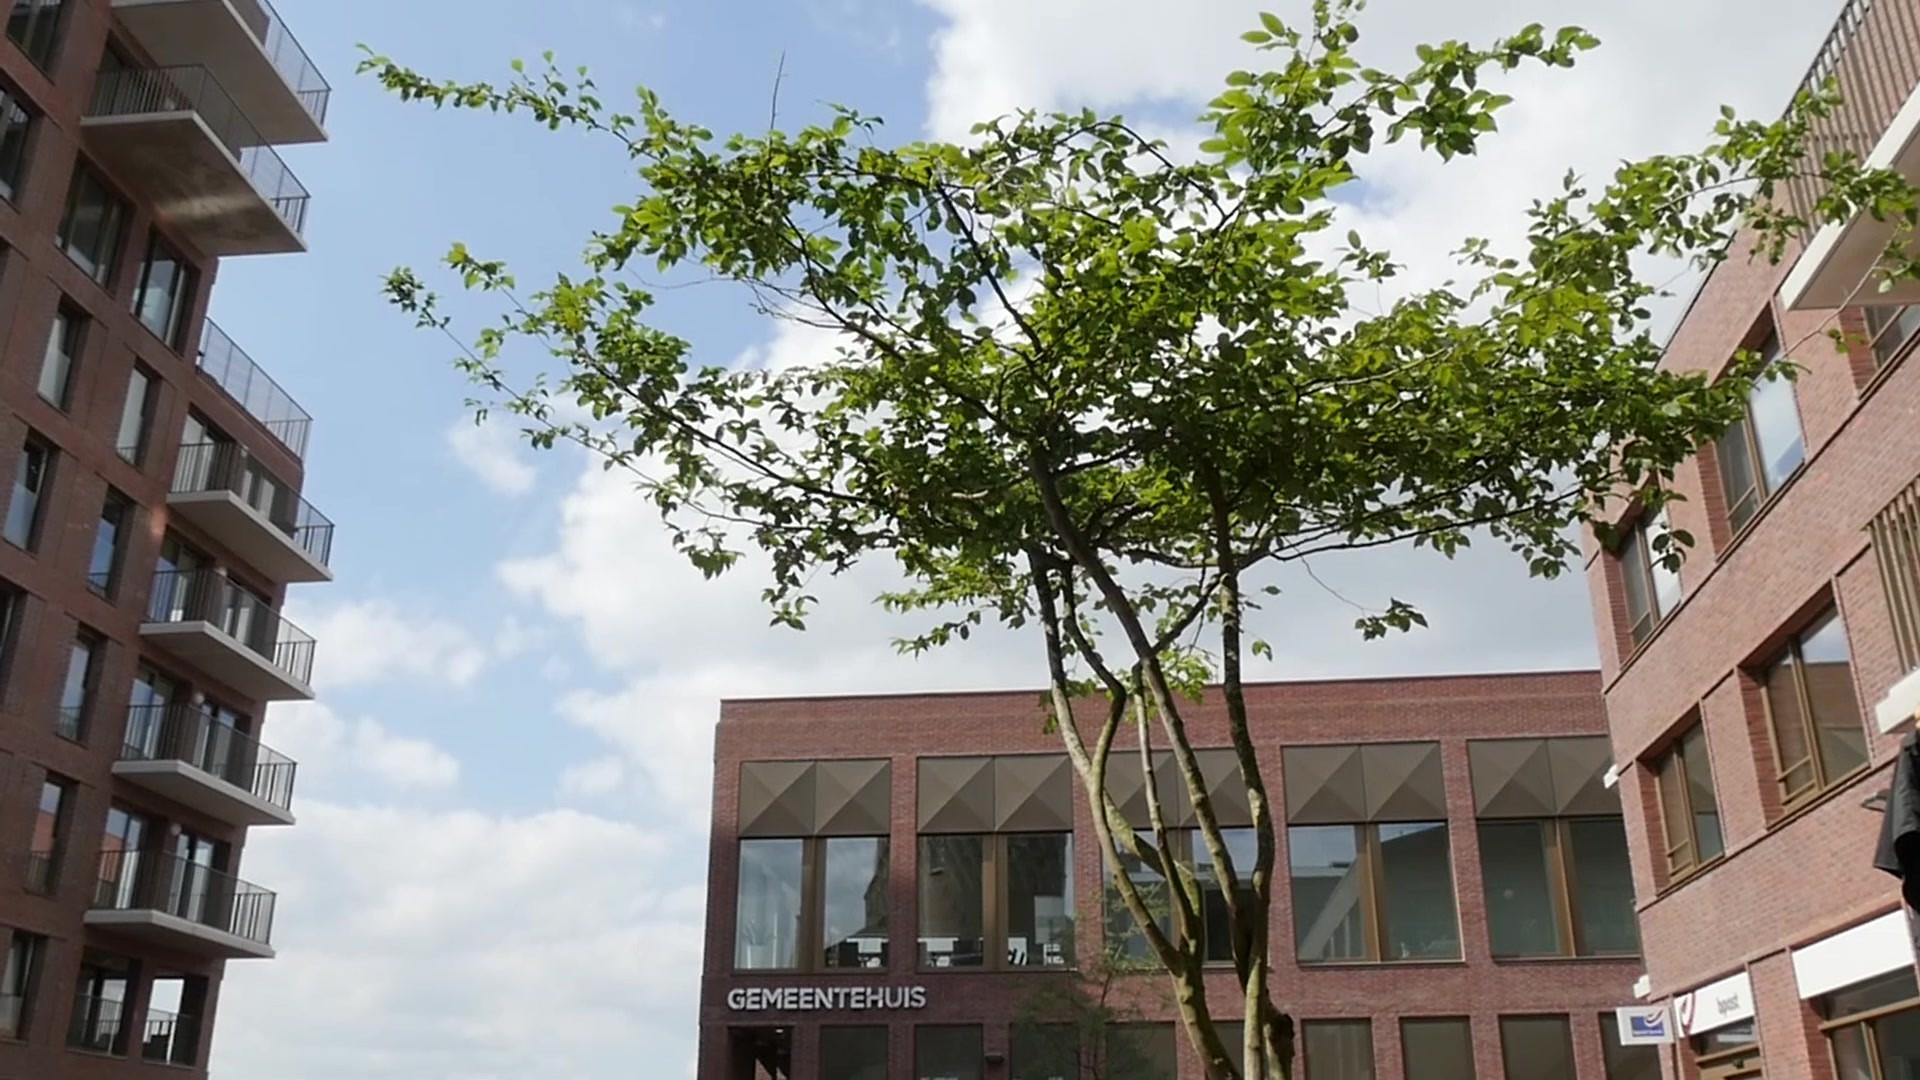 Prachtige bomen in mooie boombakken